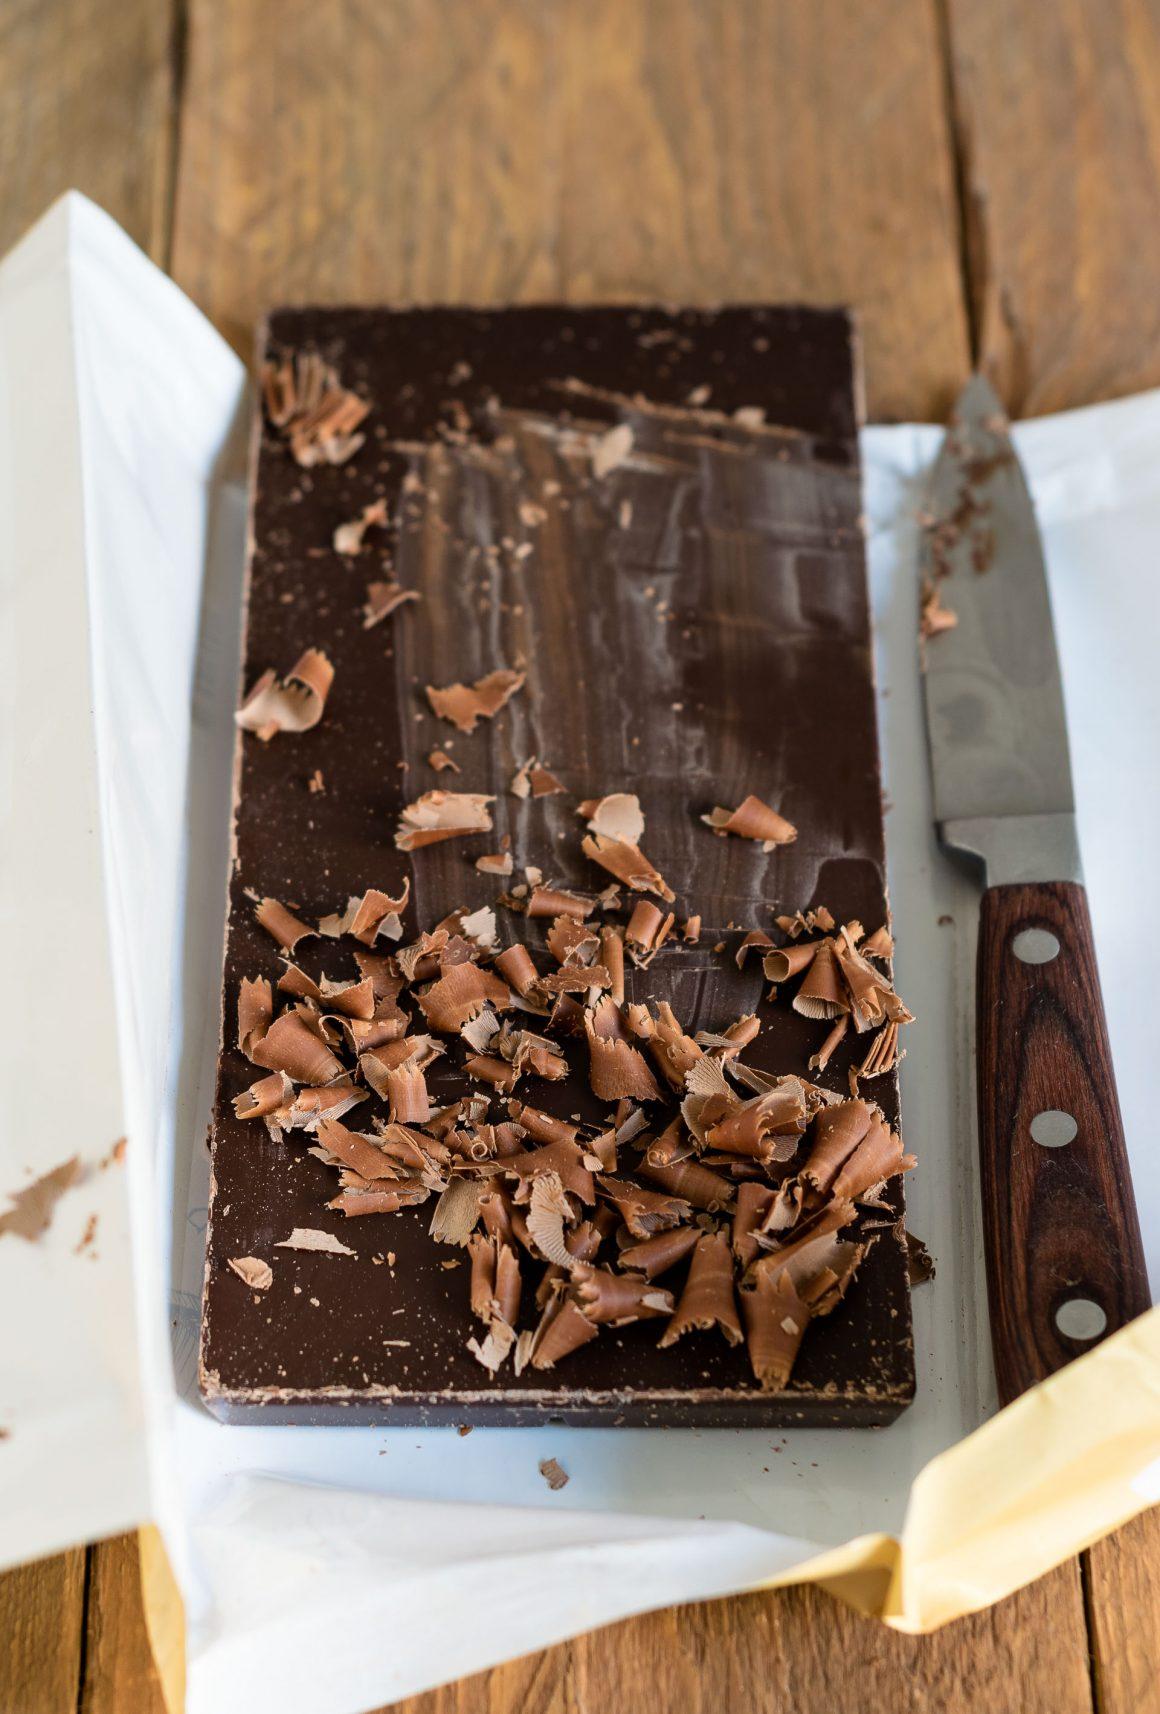 riccioli di cioccolato su una tavoletta fondente e un coltello in parte